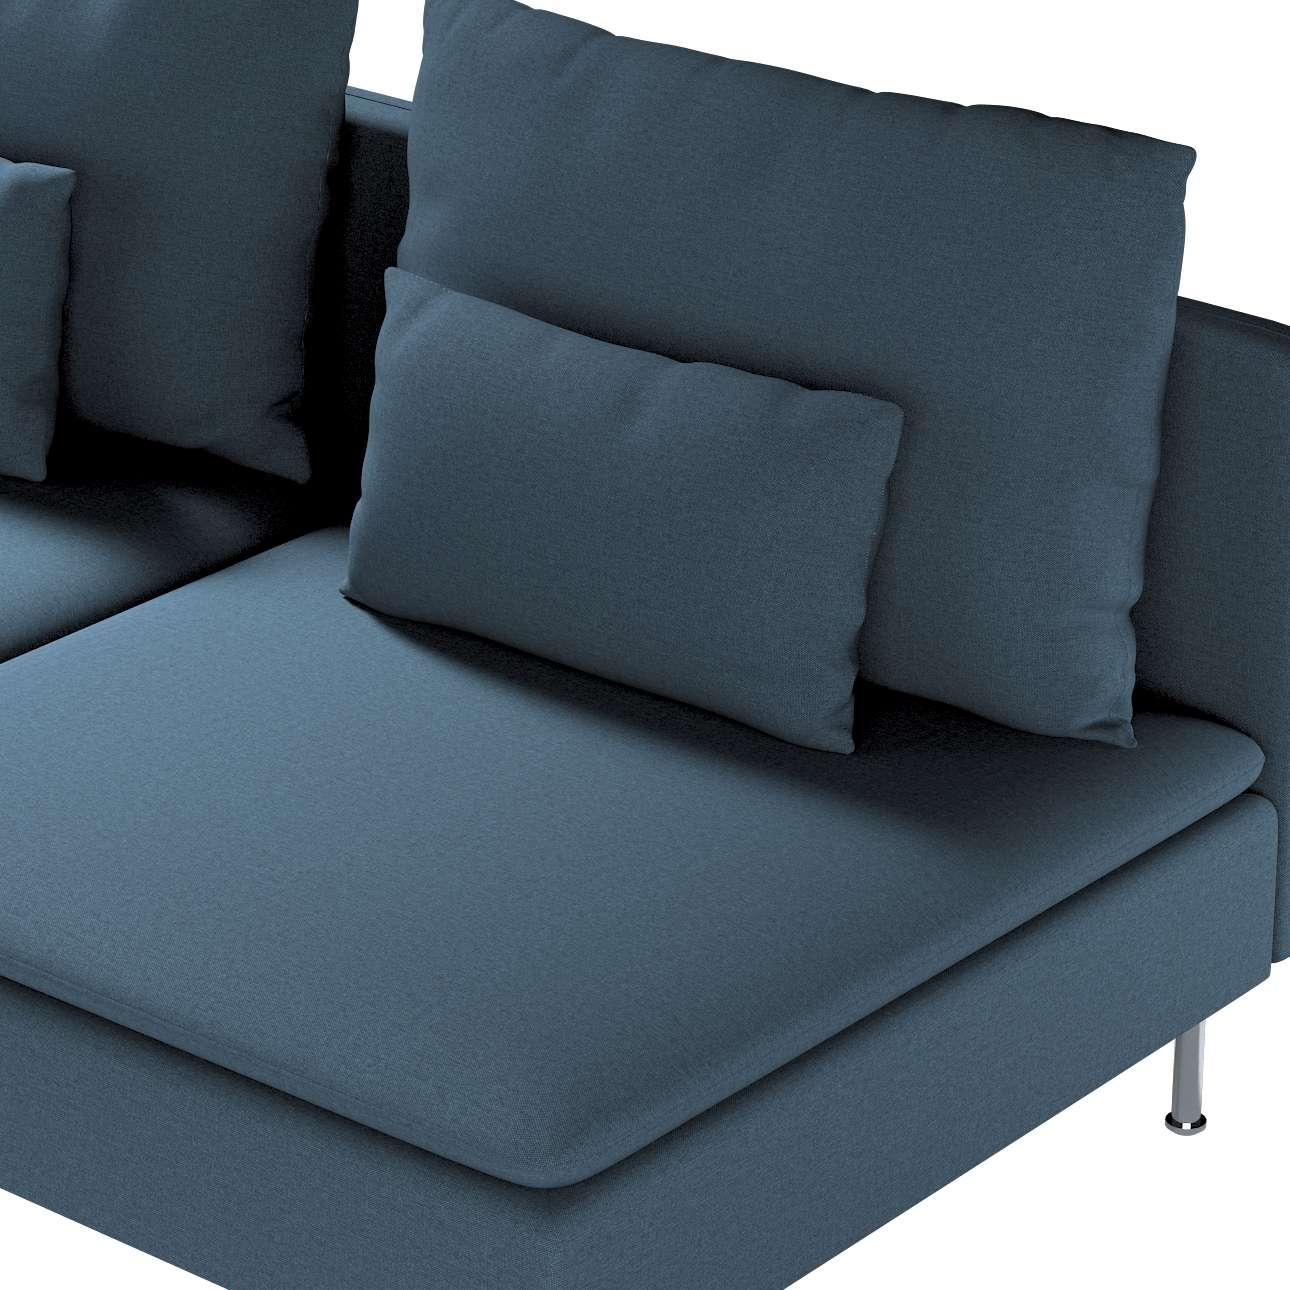 Bezug für Söderhamn Sitzelement 3 von der Kollektion Etna, Stoff: 705-30